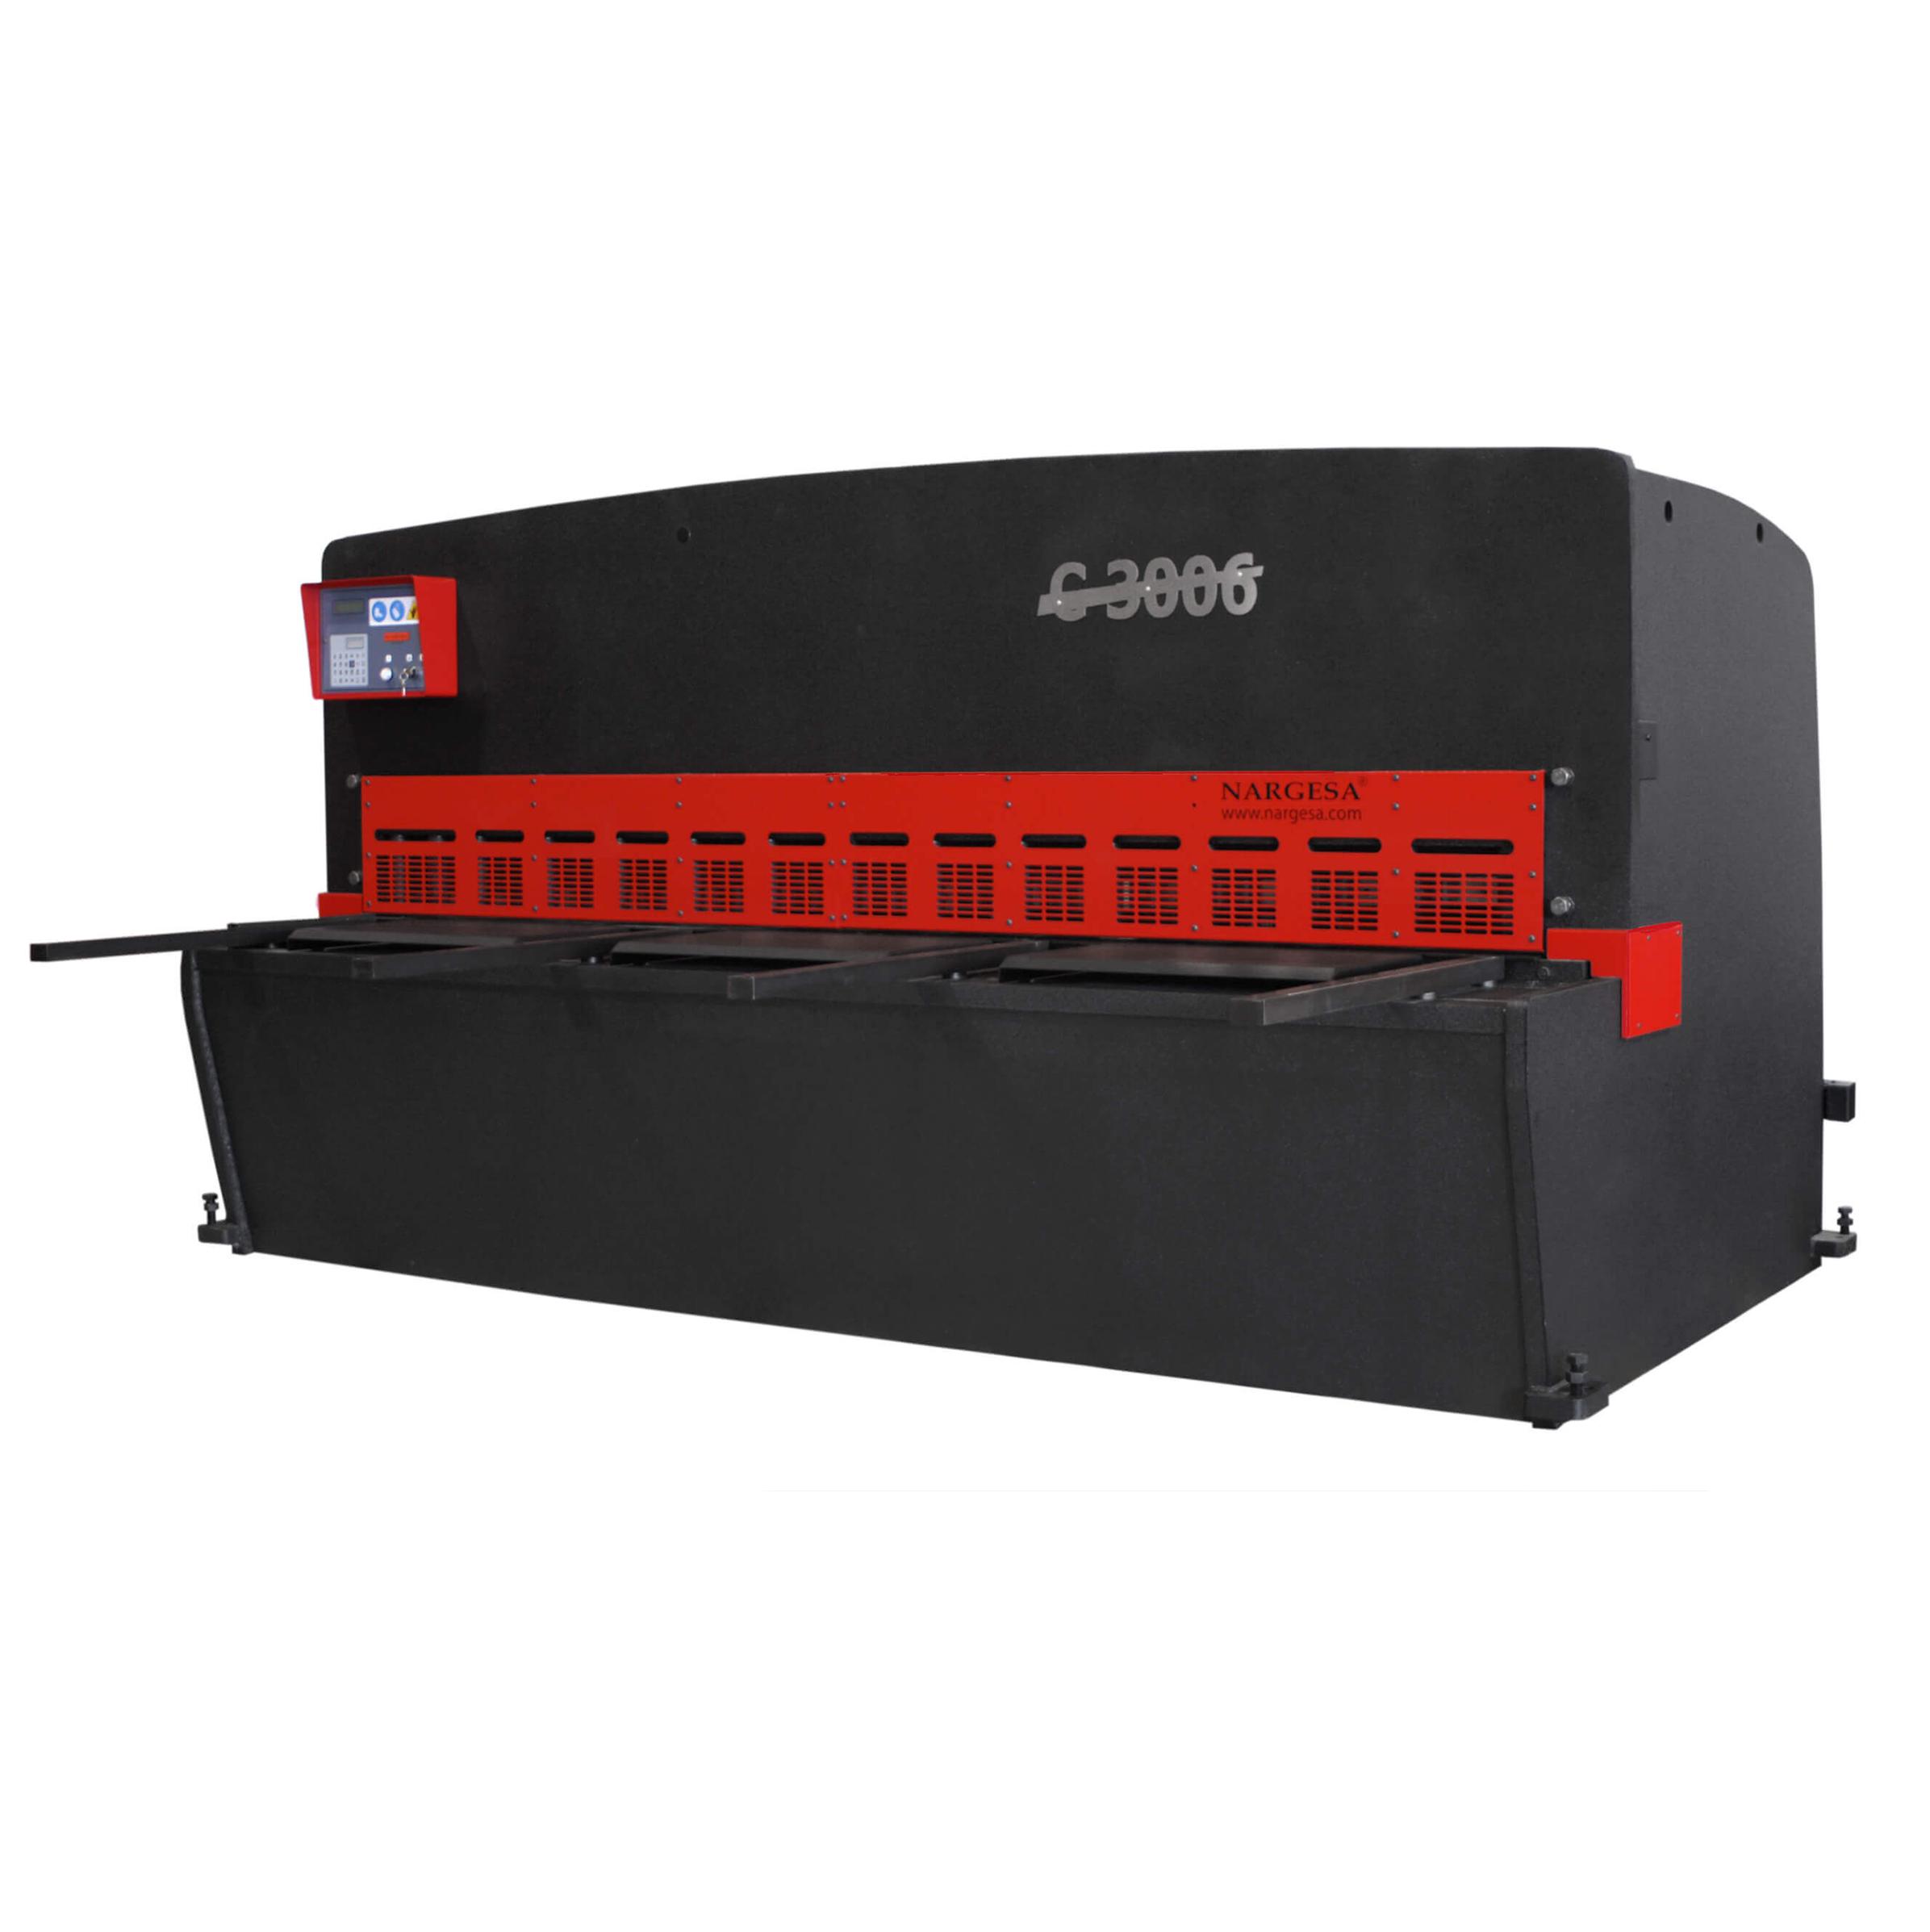 NARGESA - C3006 MODEL